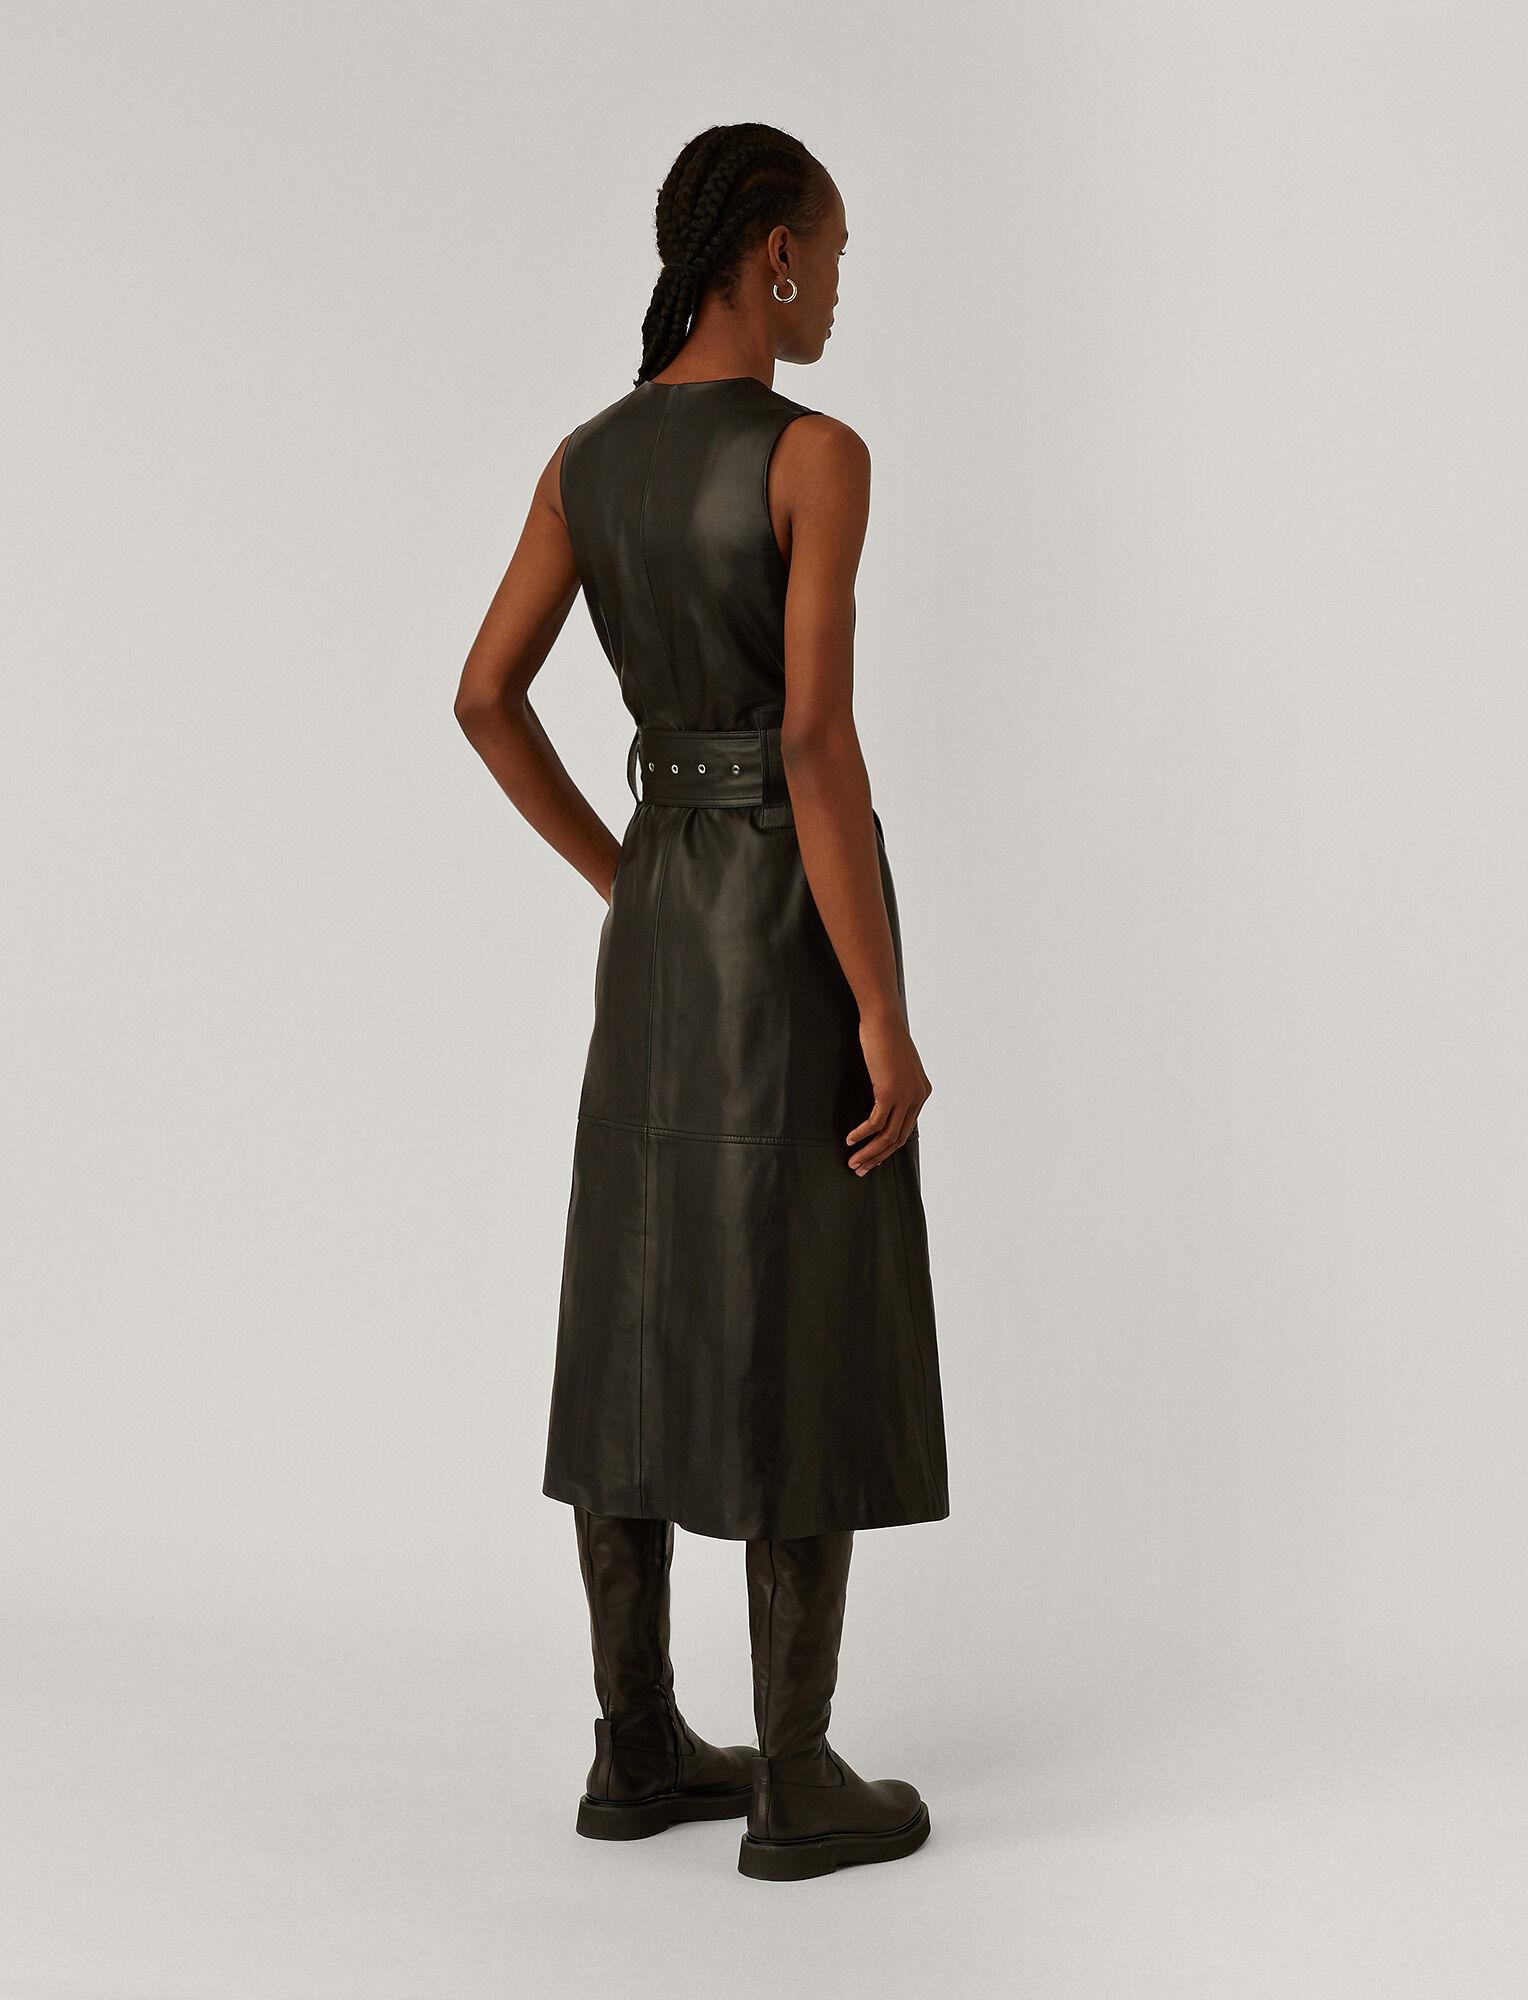 Joseph, Dibo Nappa Leather Dress, in Black